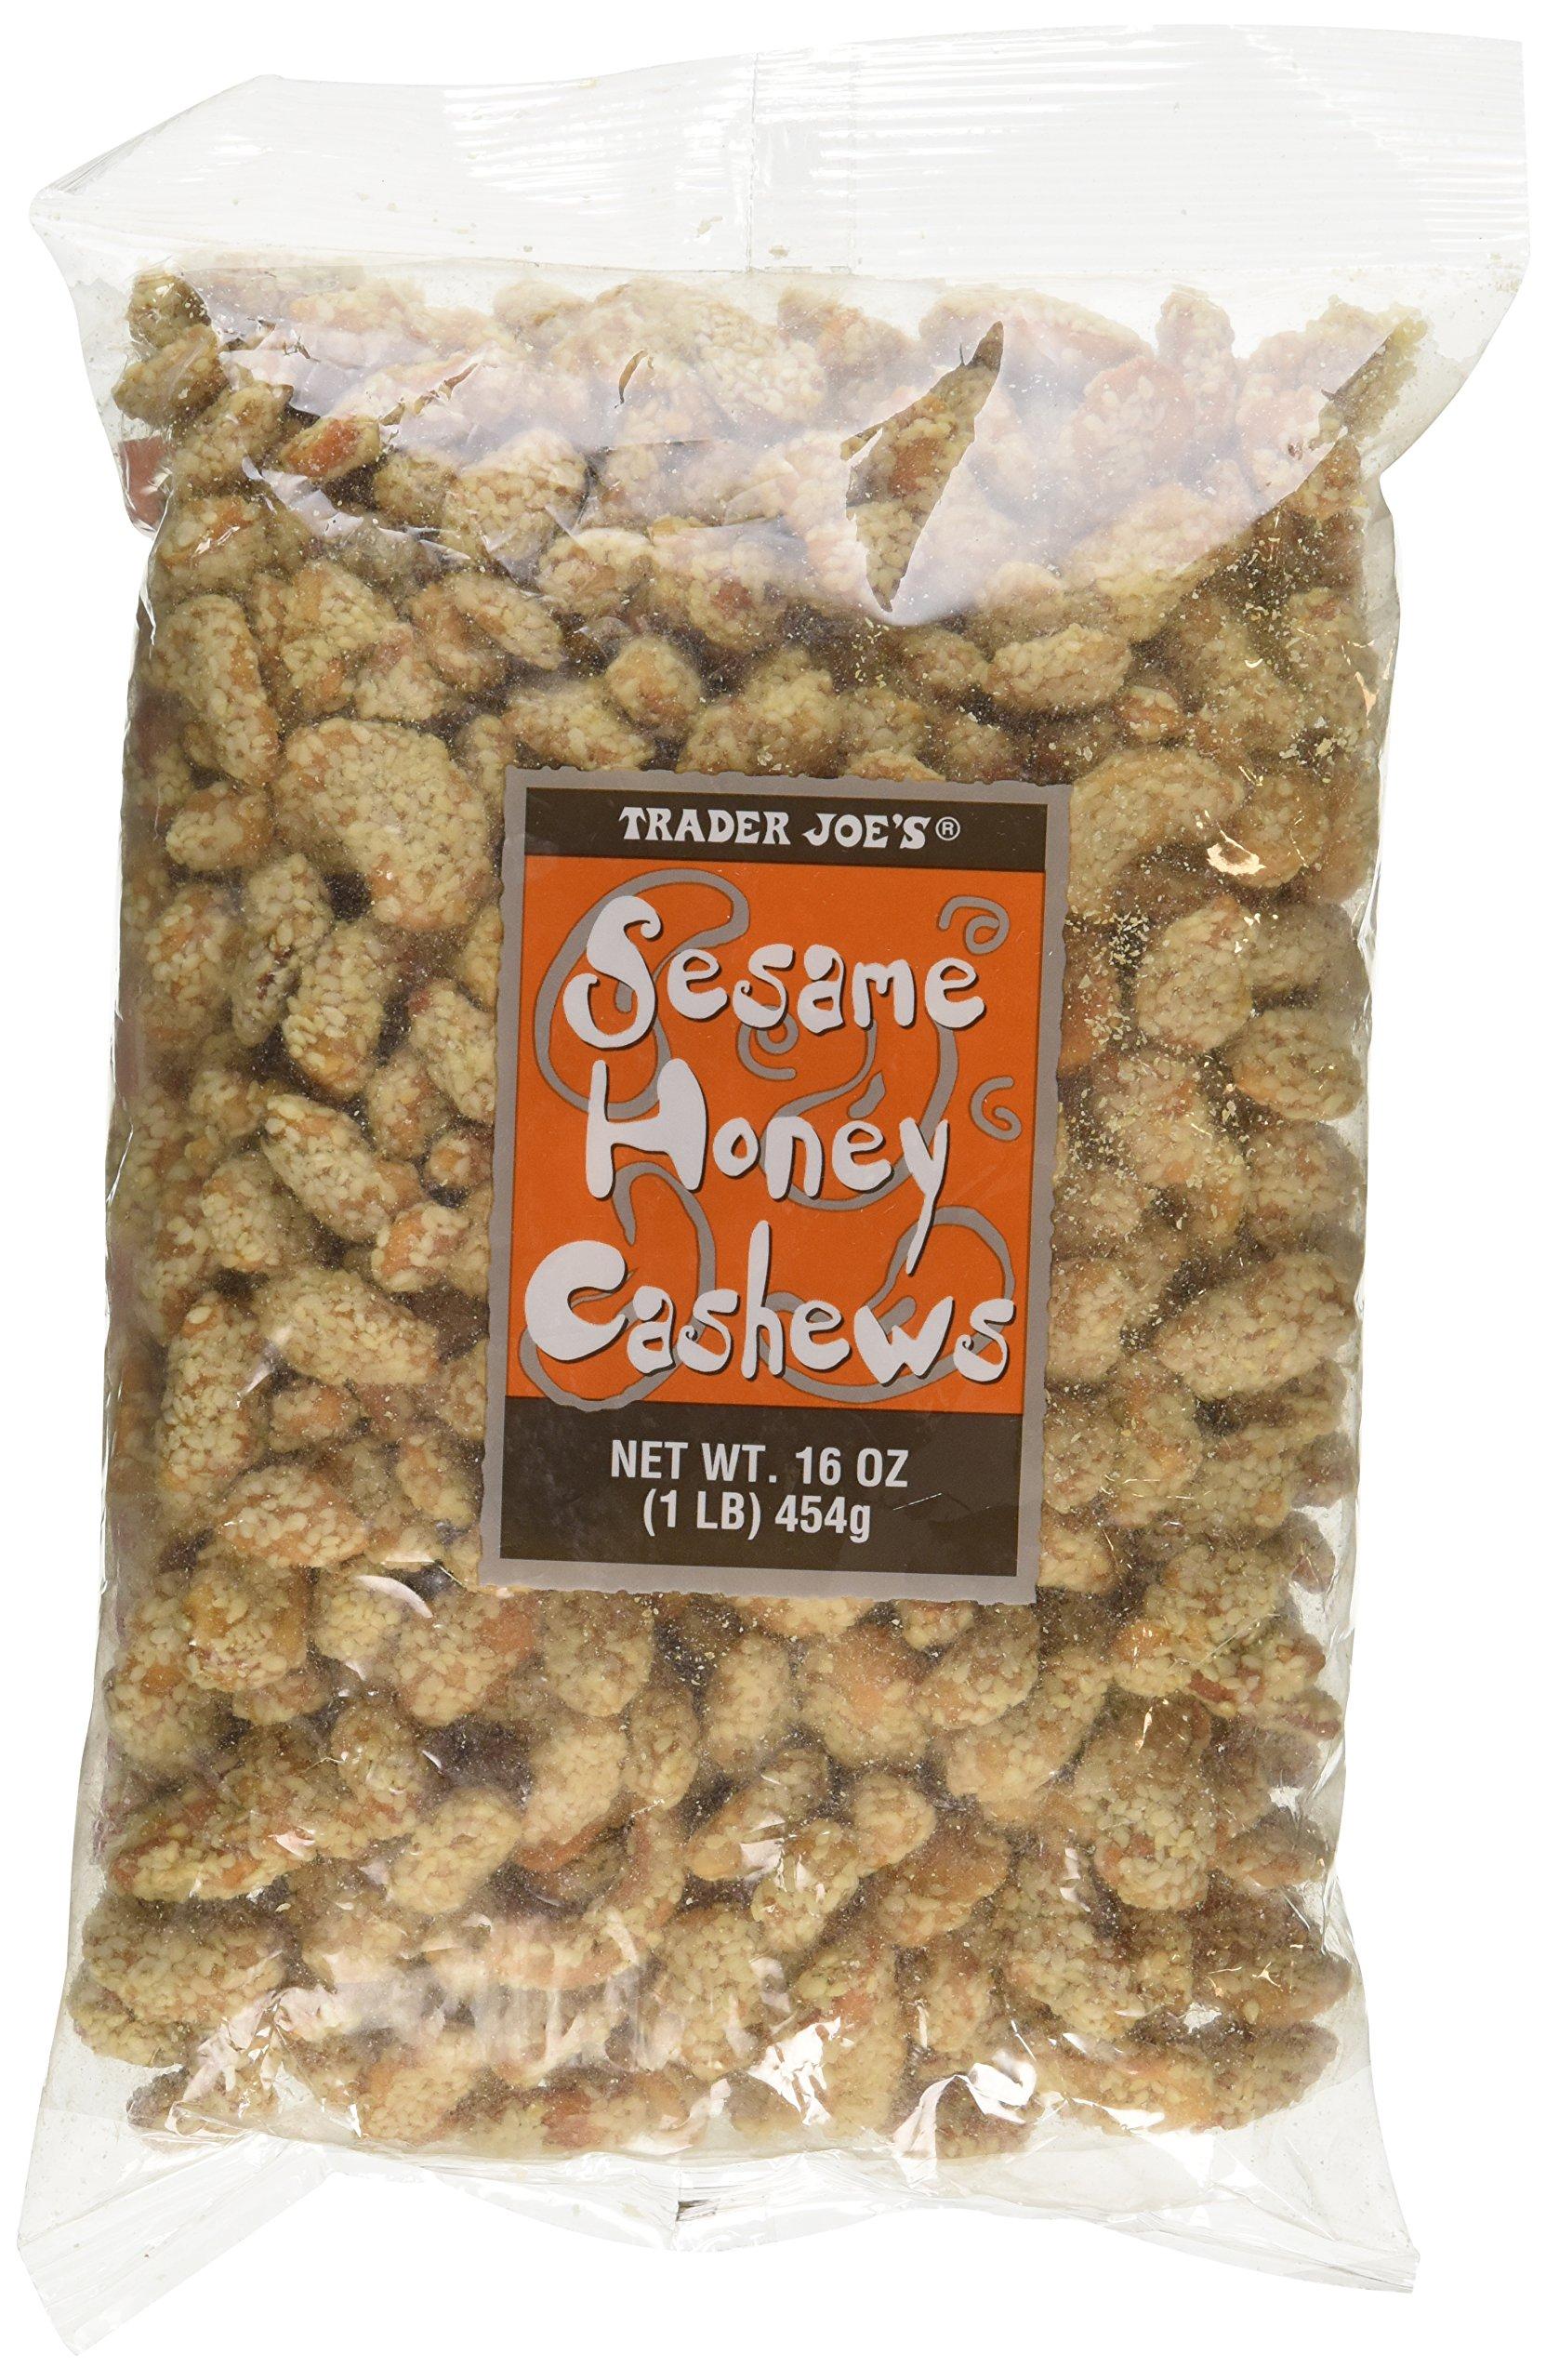 Trader Joe's Sesame Honey Cashews 16 oz, 1 Lb.